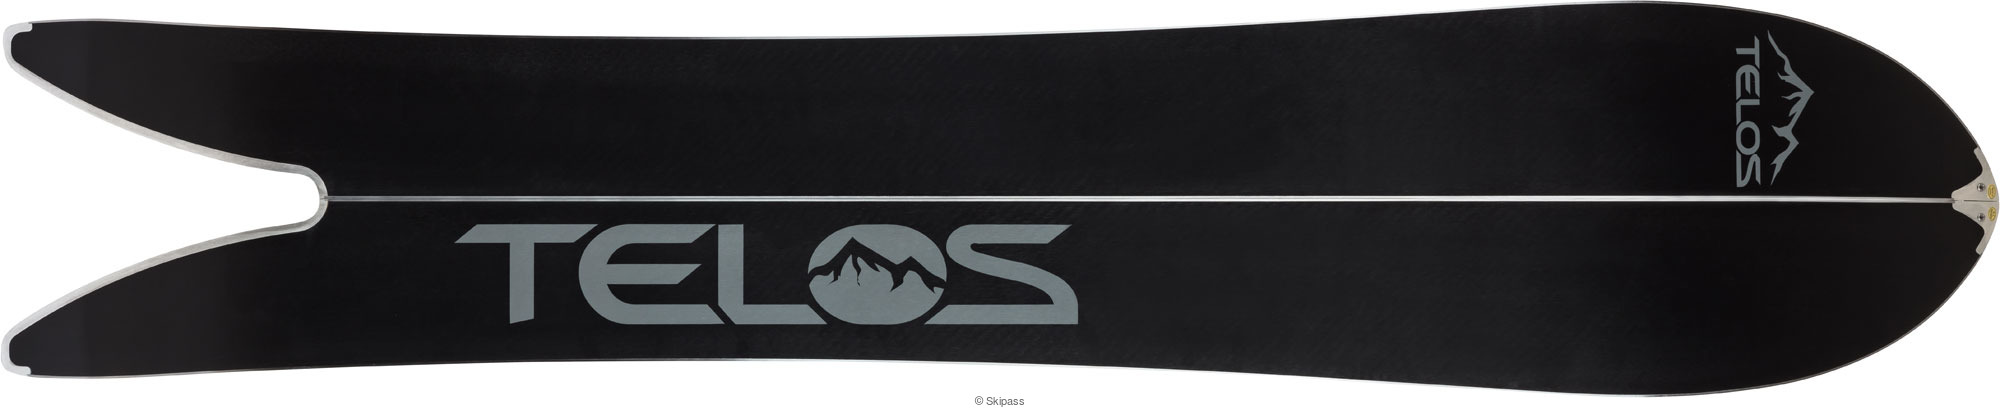 Telos Ride & Seek Splitboard